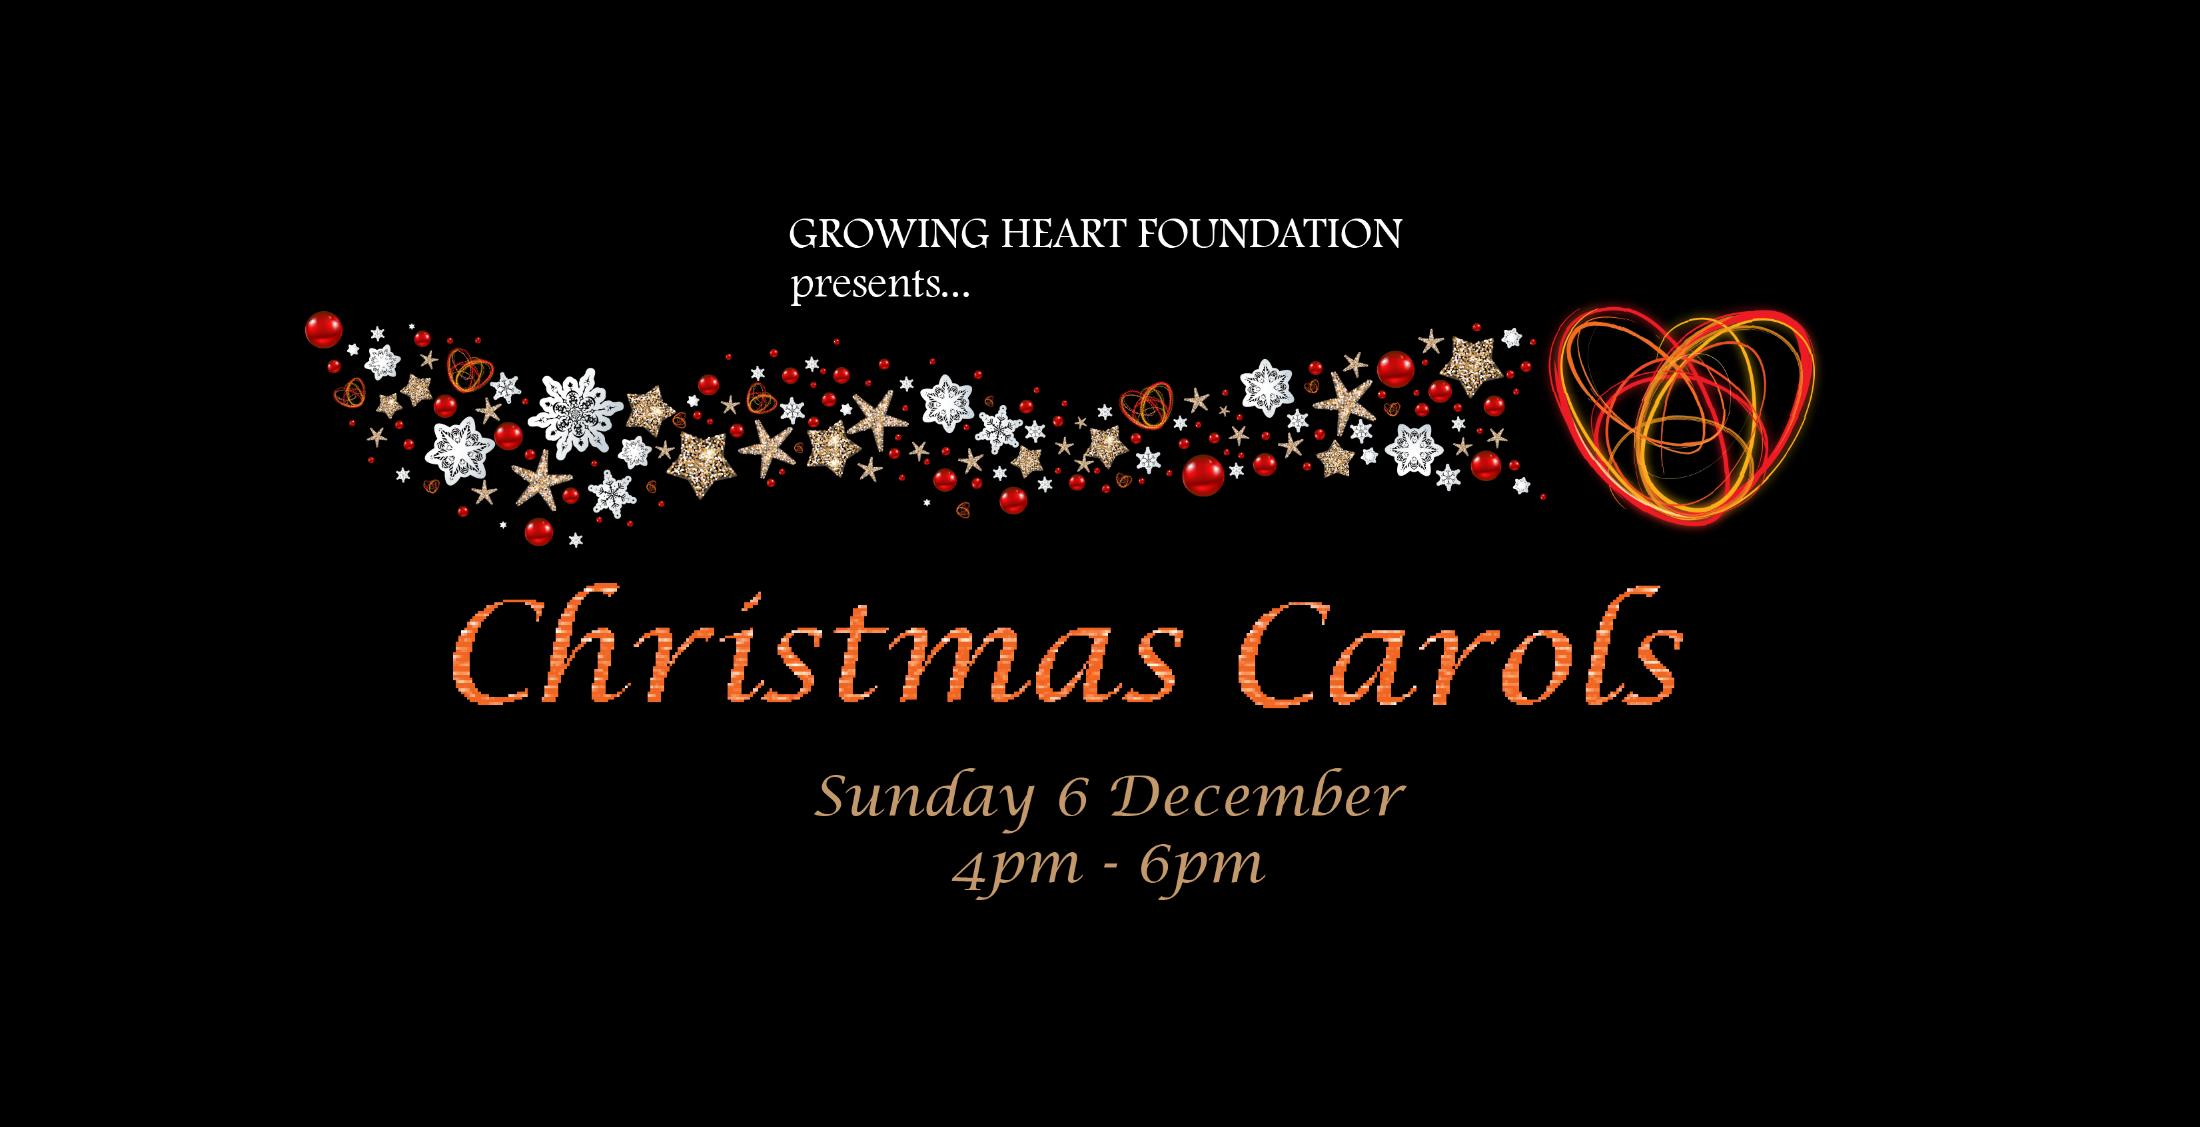 Christmas Carols Event